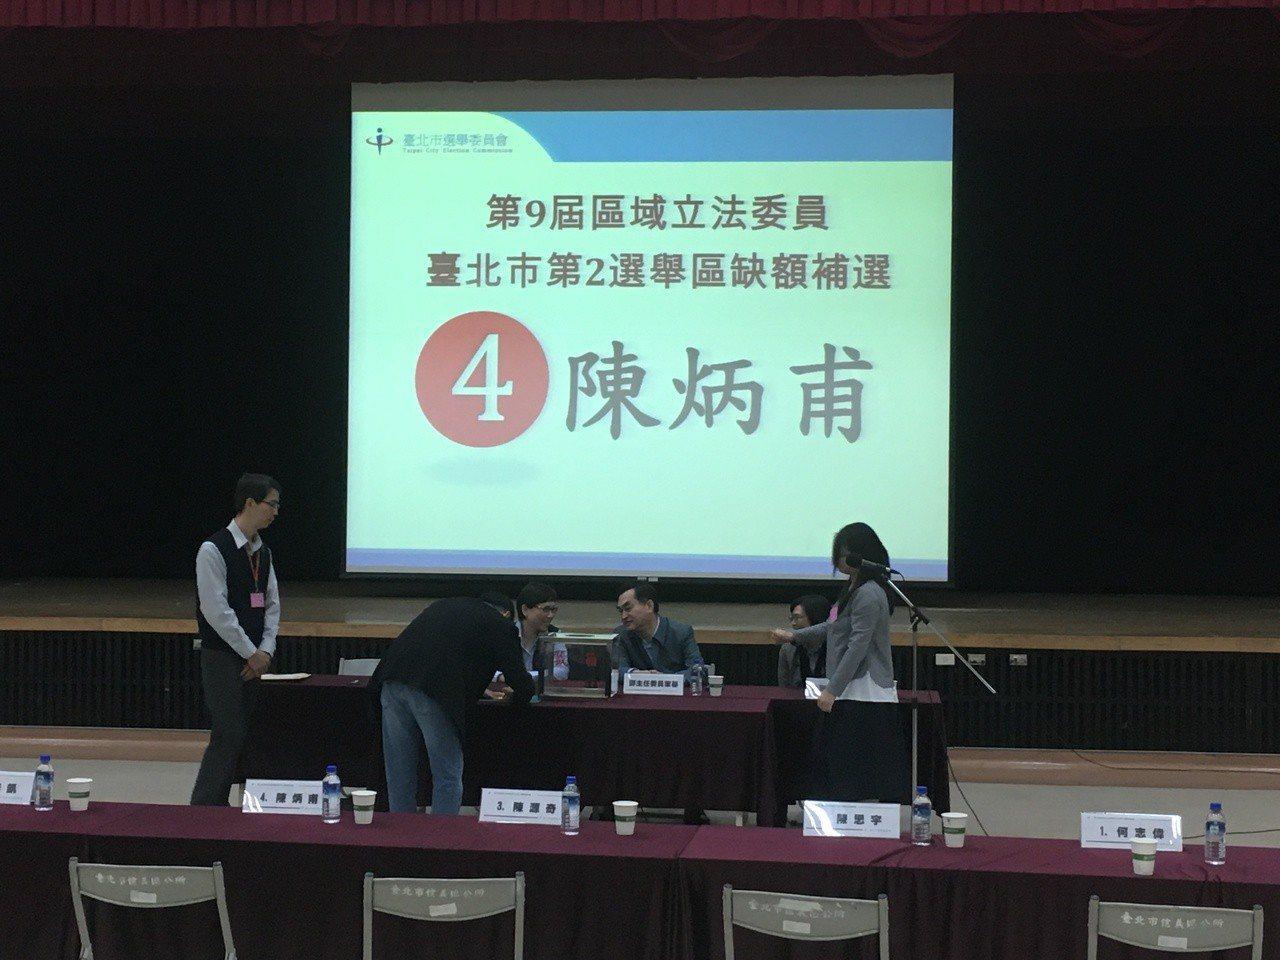 台北市士林大同區立委補選,今天舉行候選人姓名號次抽籤。記者張世杰/攝影